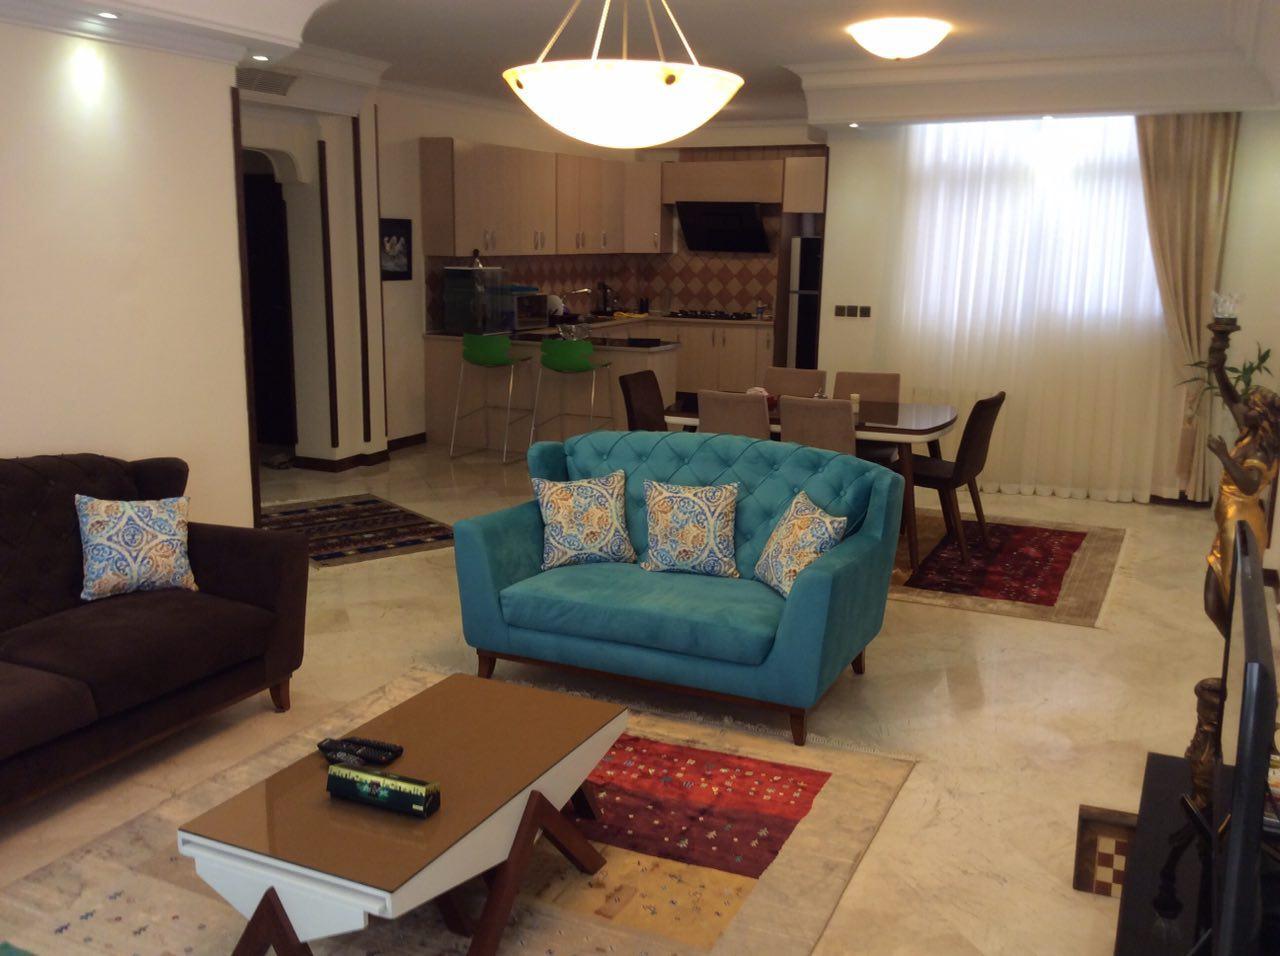 اجاره خانه مبله در اصفهان روزانه CP6850 | اسکان لند